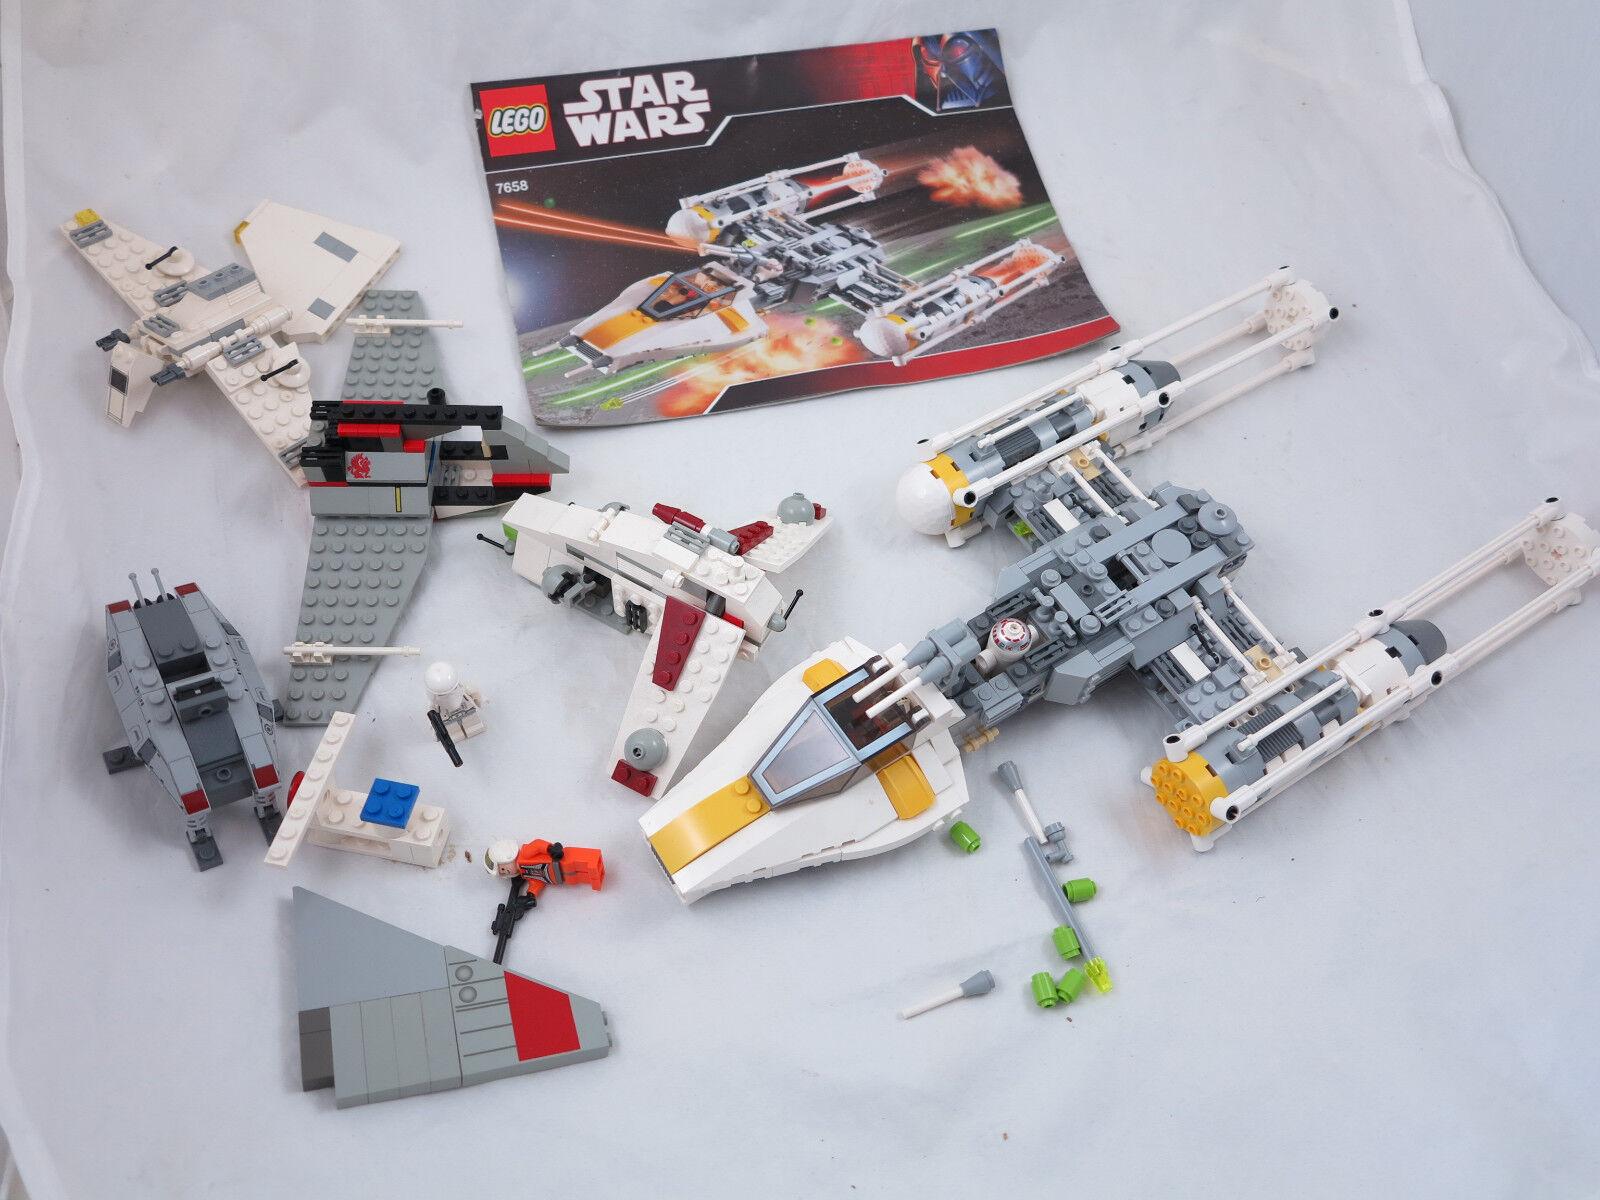 LEGO estrella guerras 7658  4477  X-Wing stellari  la raccolta + OBA ( 103)  gli ultimi modelli